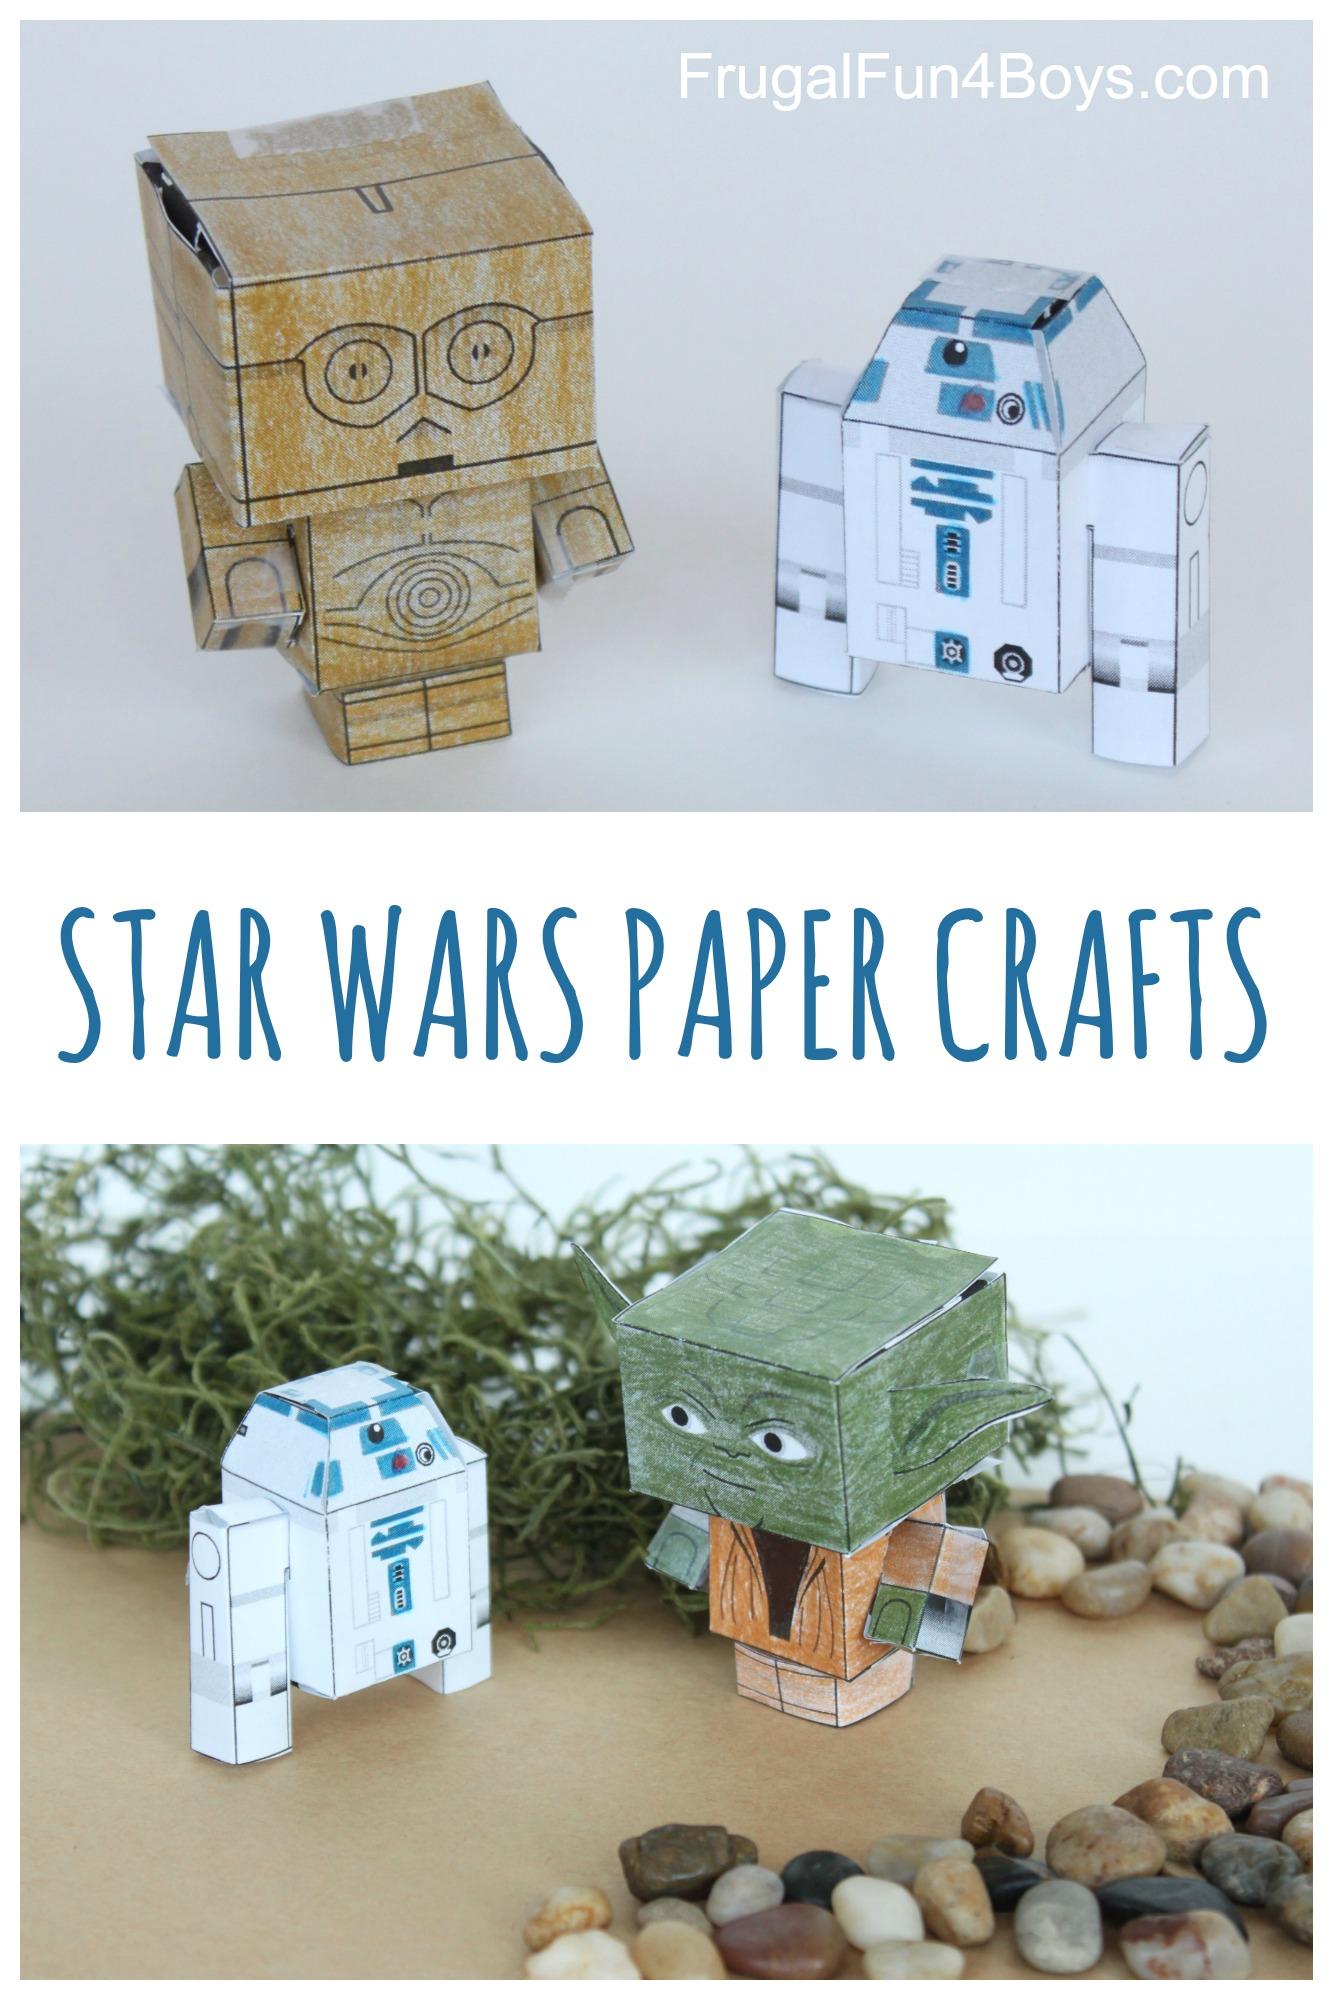 Star Wars Paper Crafts to Make